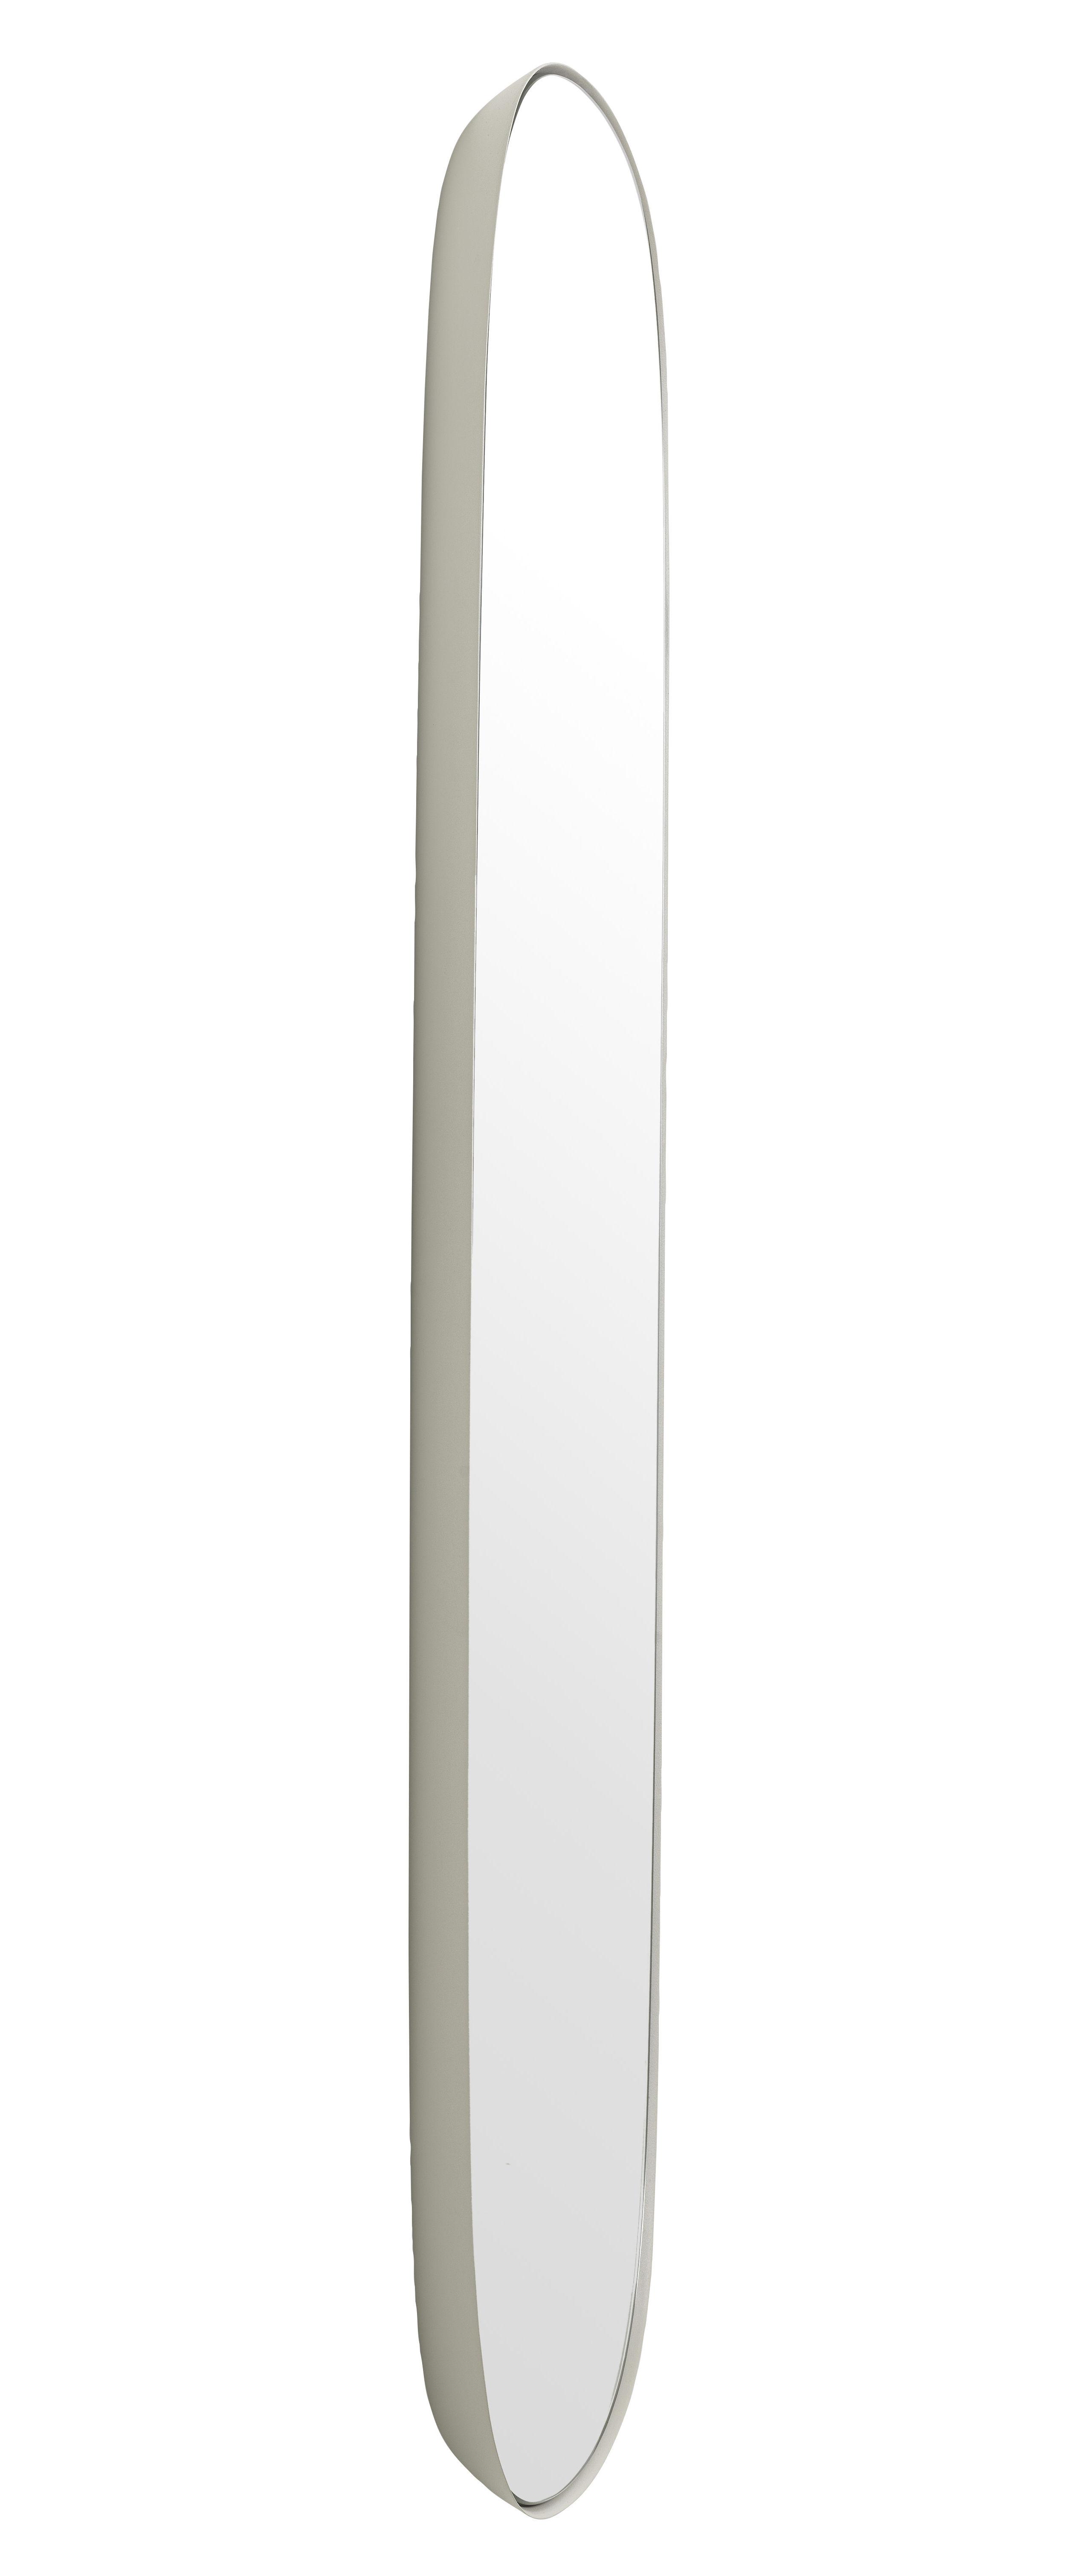 Interni - Specchi - Specchio Framed Large / L 44 x H 118 cm - Muuto - Cadre gris / Miroir standard - Acciaio, Vetro